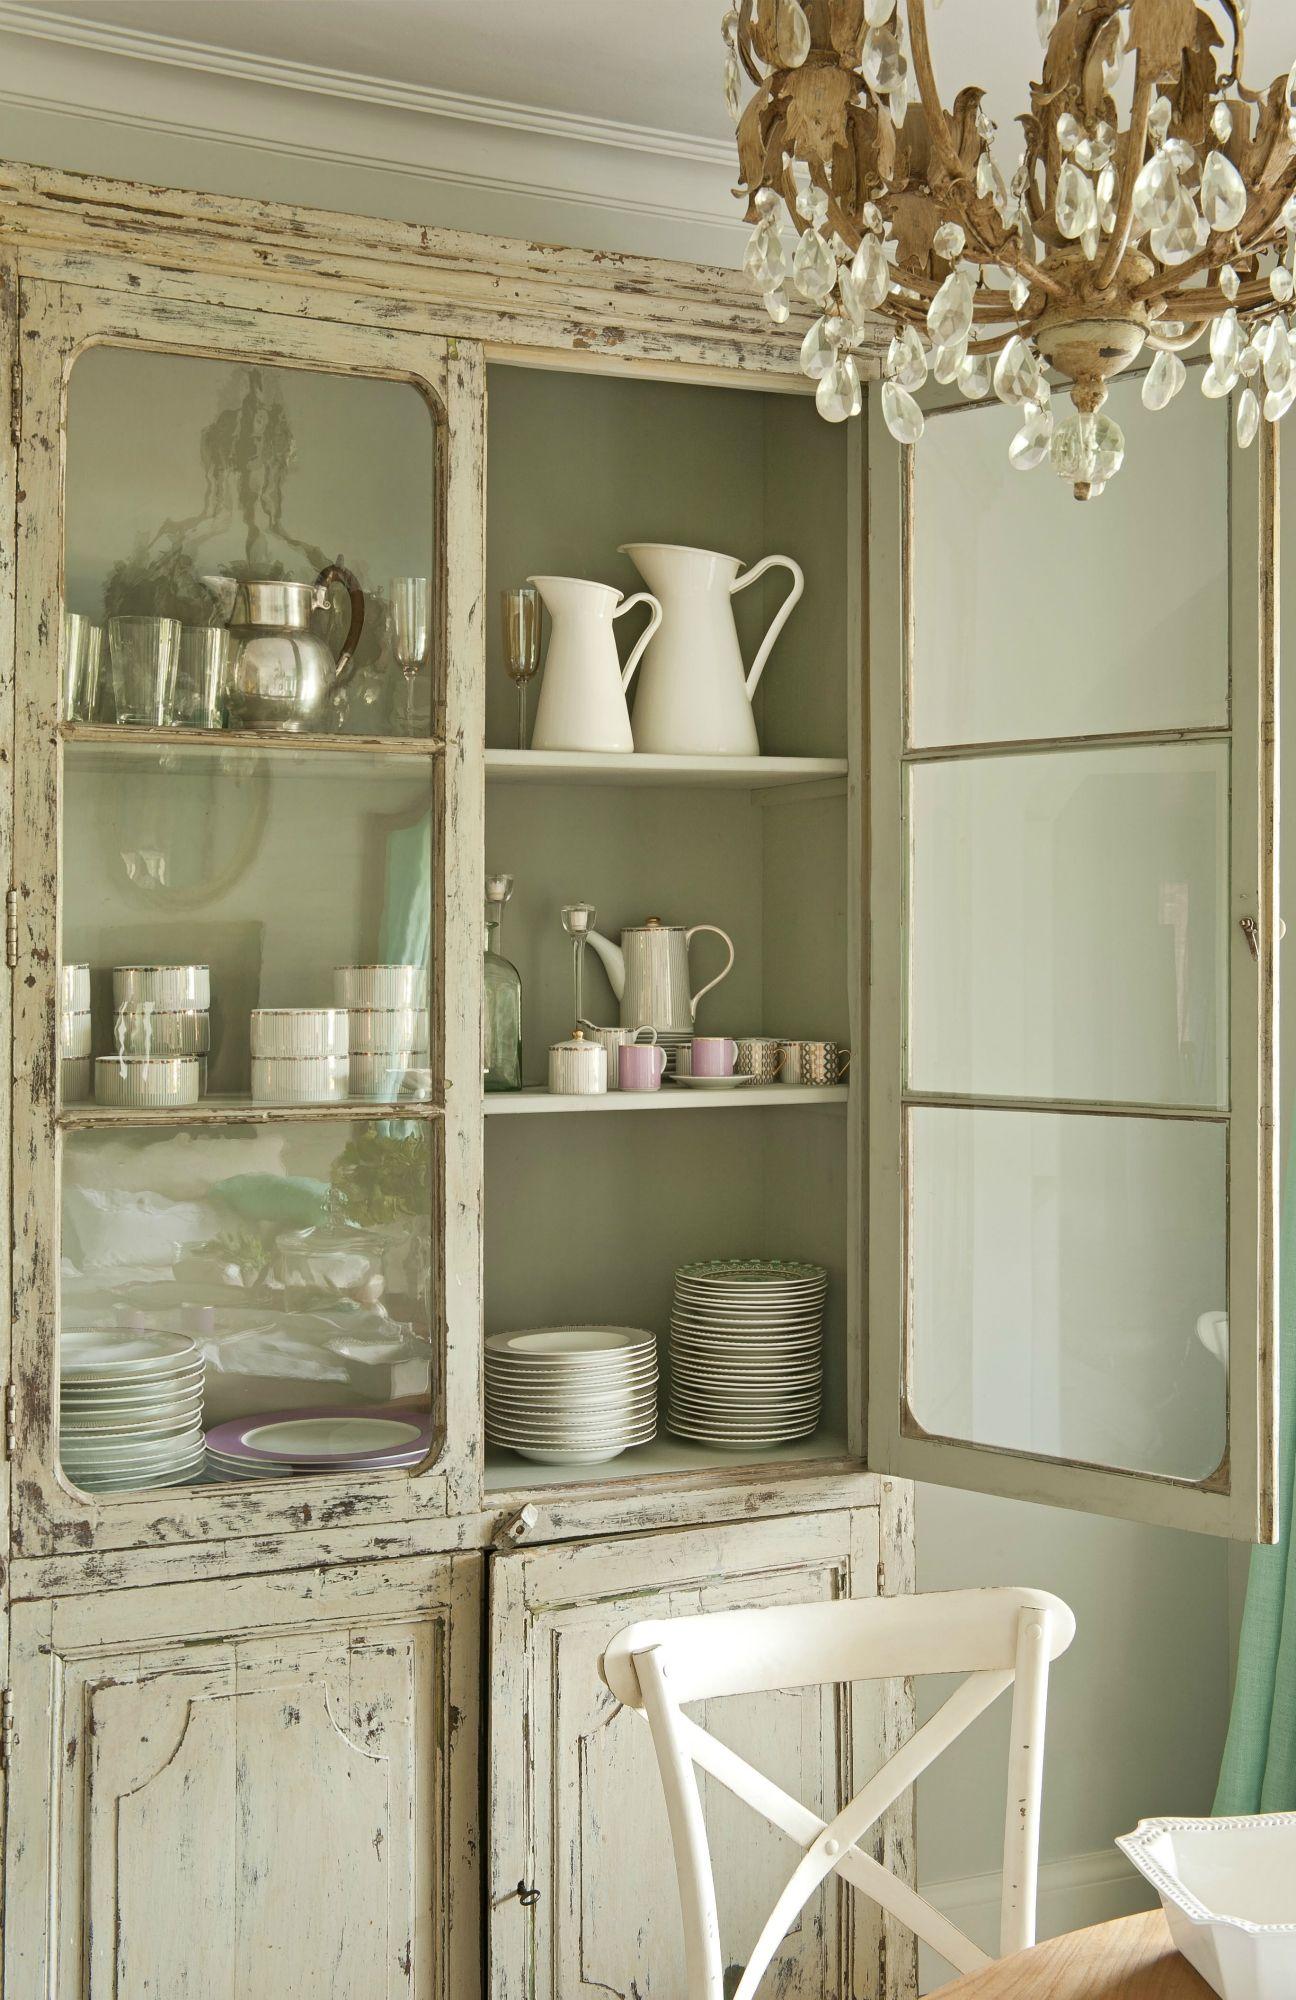 Armario vajillero en madera beige decapada con vitrina en la parte superior y puertas storage - Vitrinas para vajillas ...